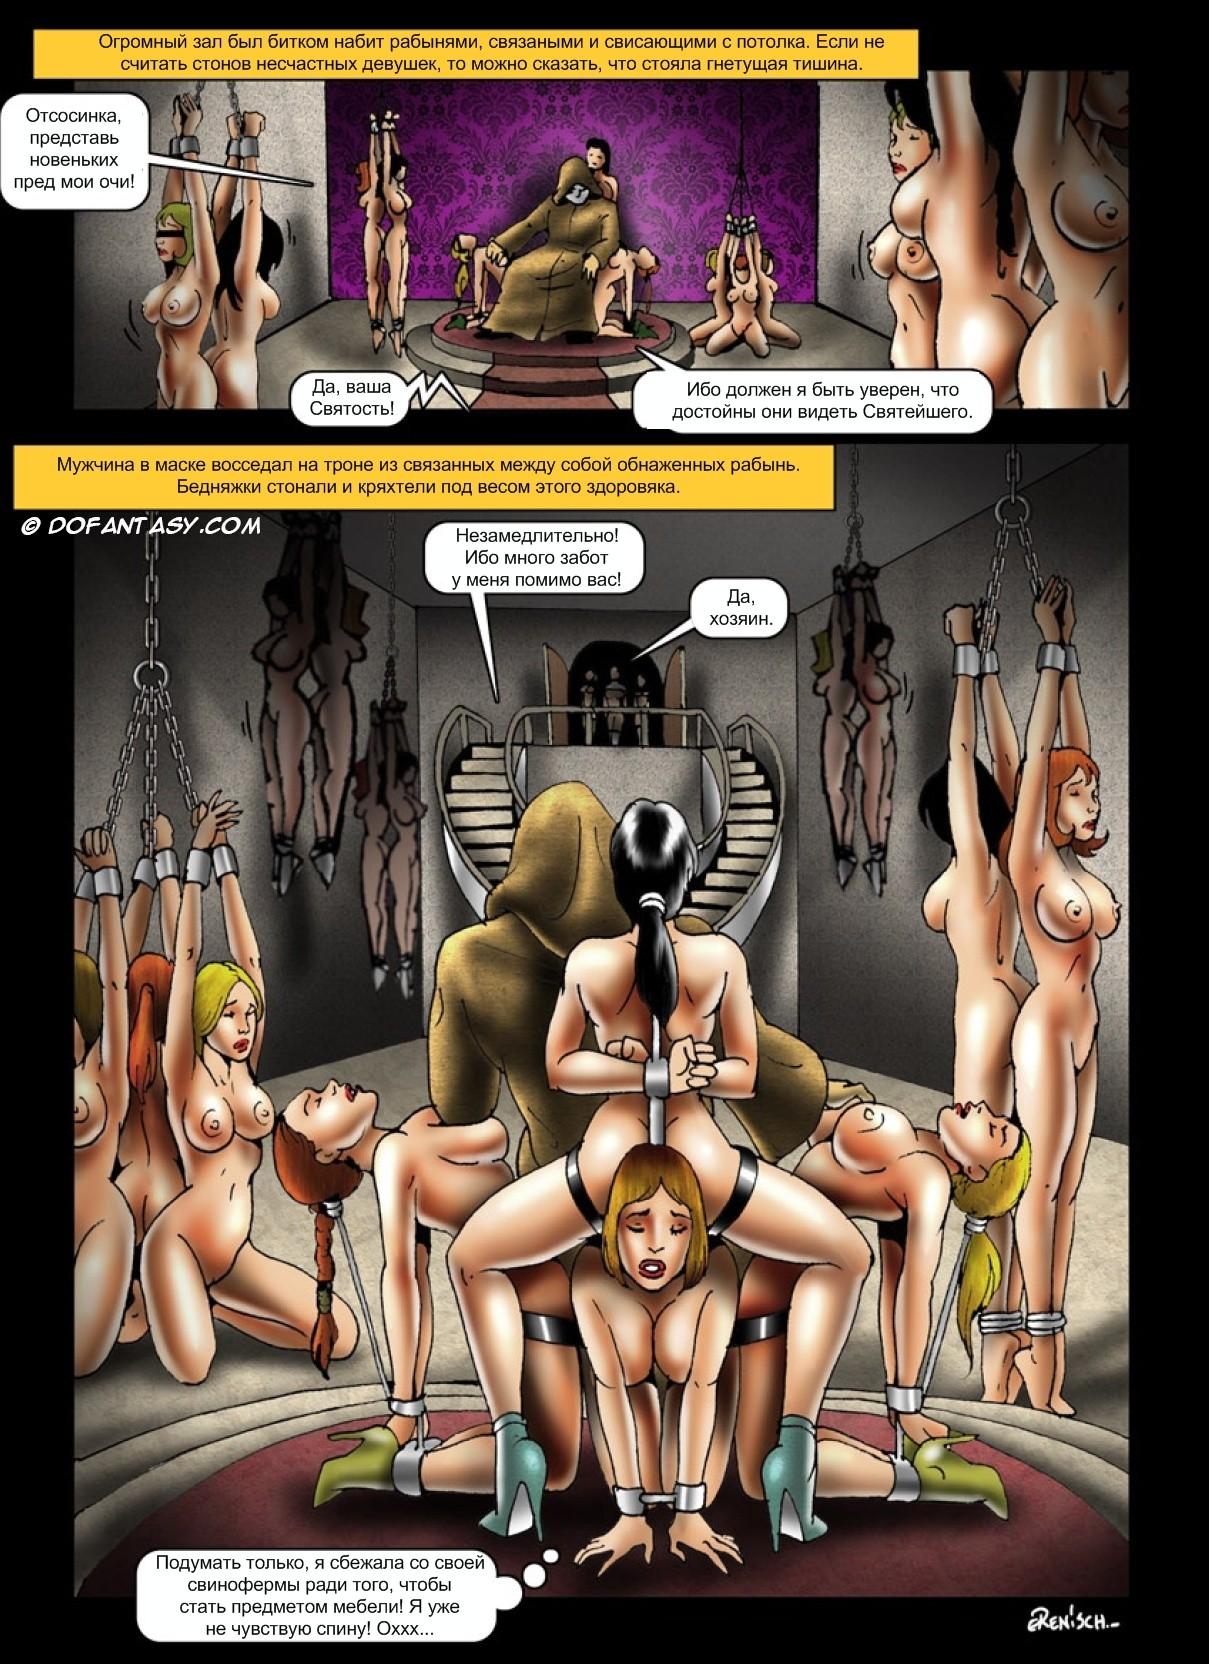 kak-stat-luchshey-lyubovnitsey-eroticheskie-igri